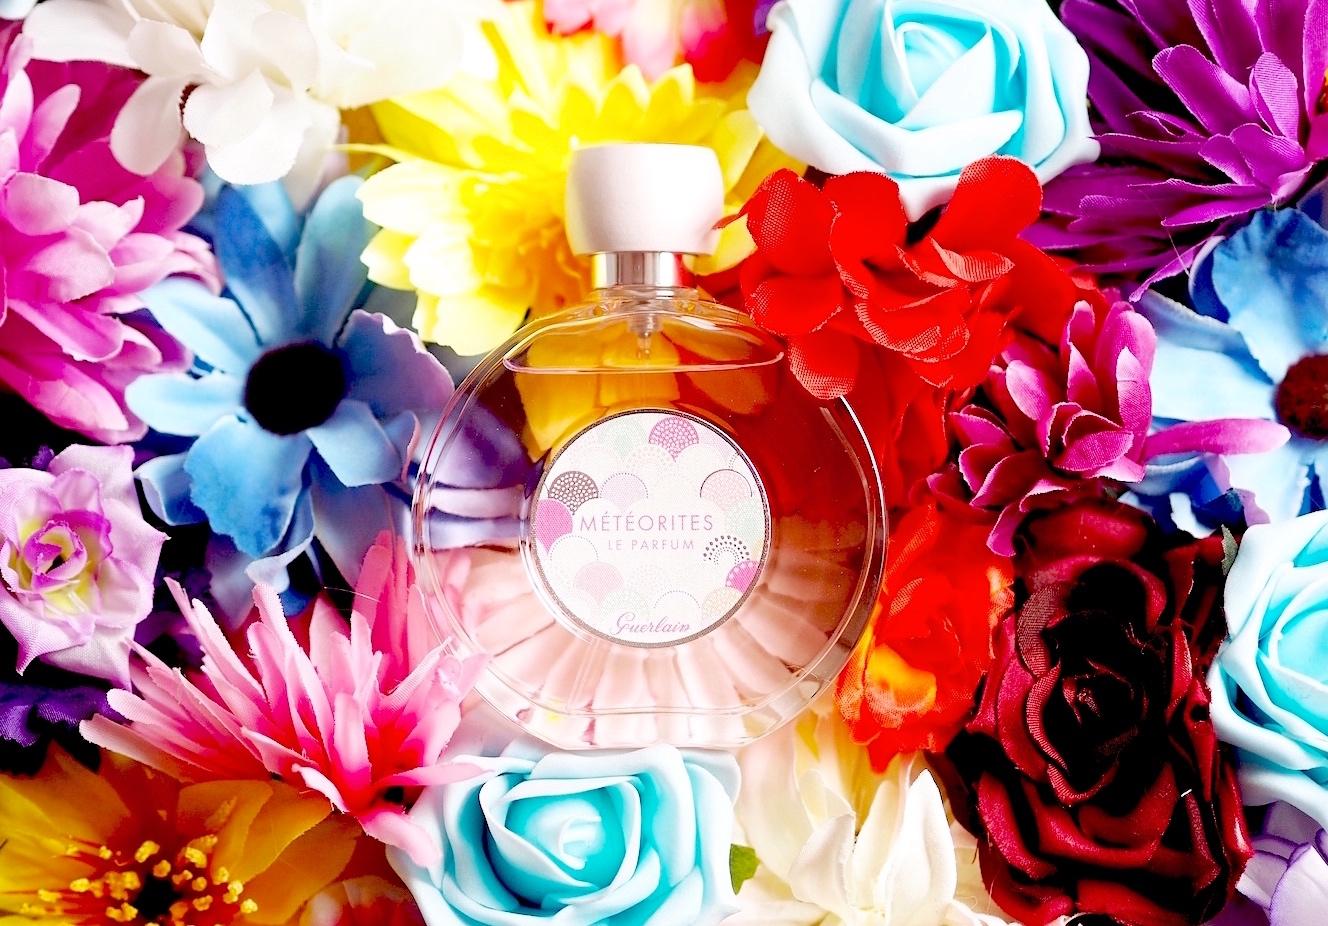 Guerlain 'Météorites' Le Parfum review perfume fragrance